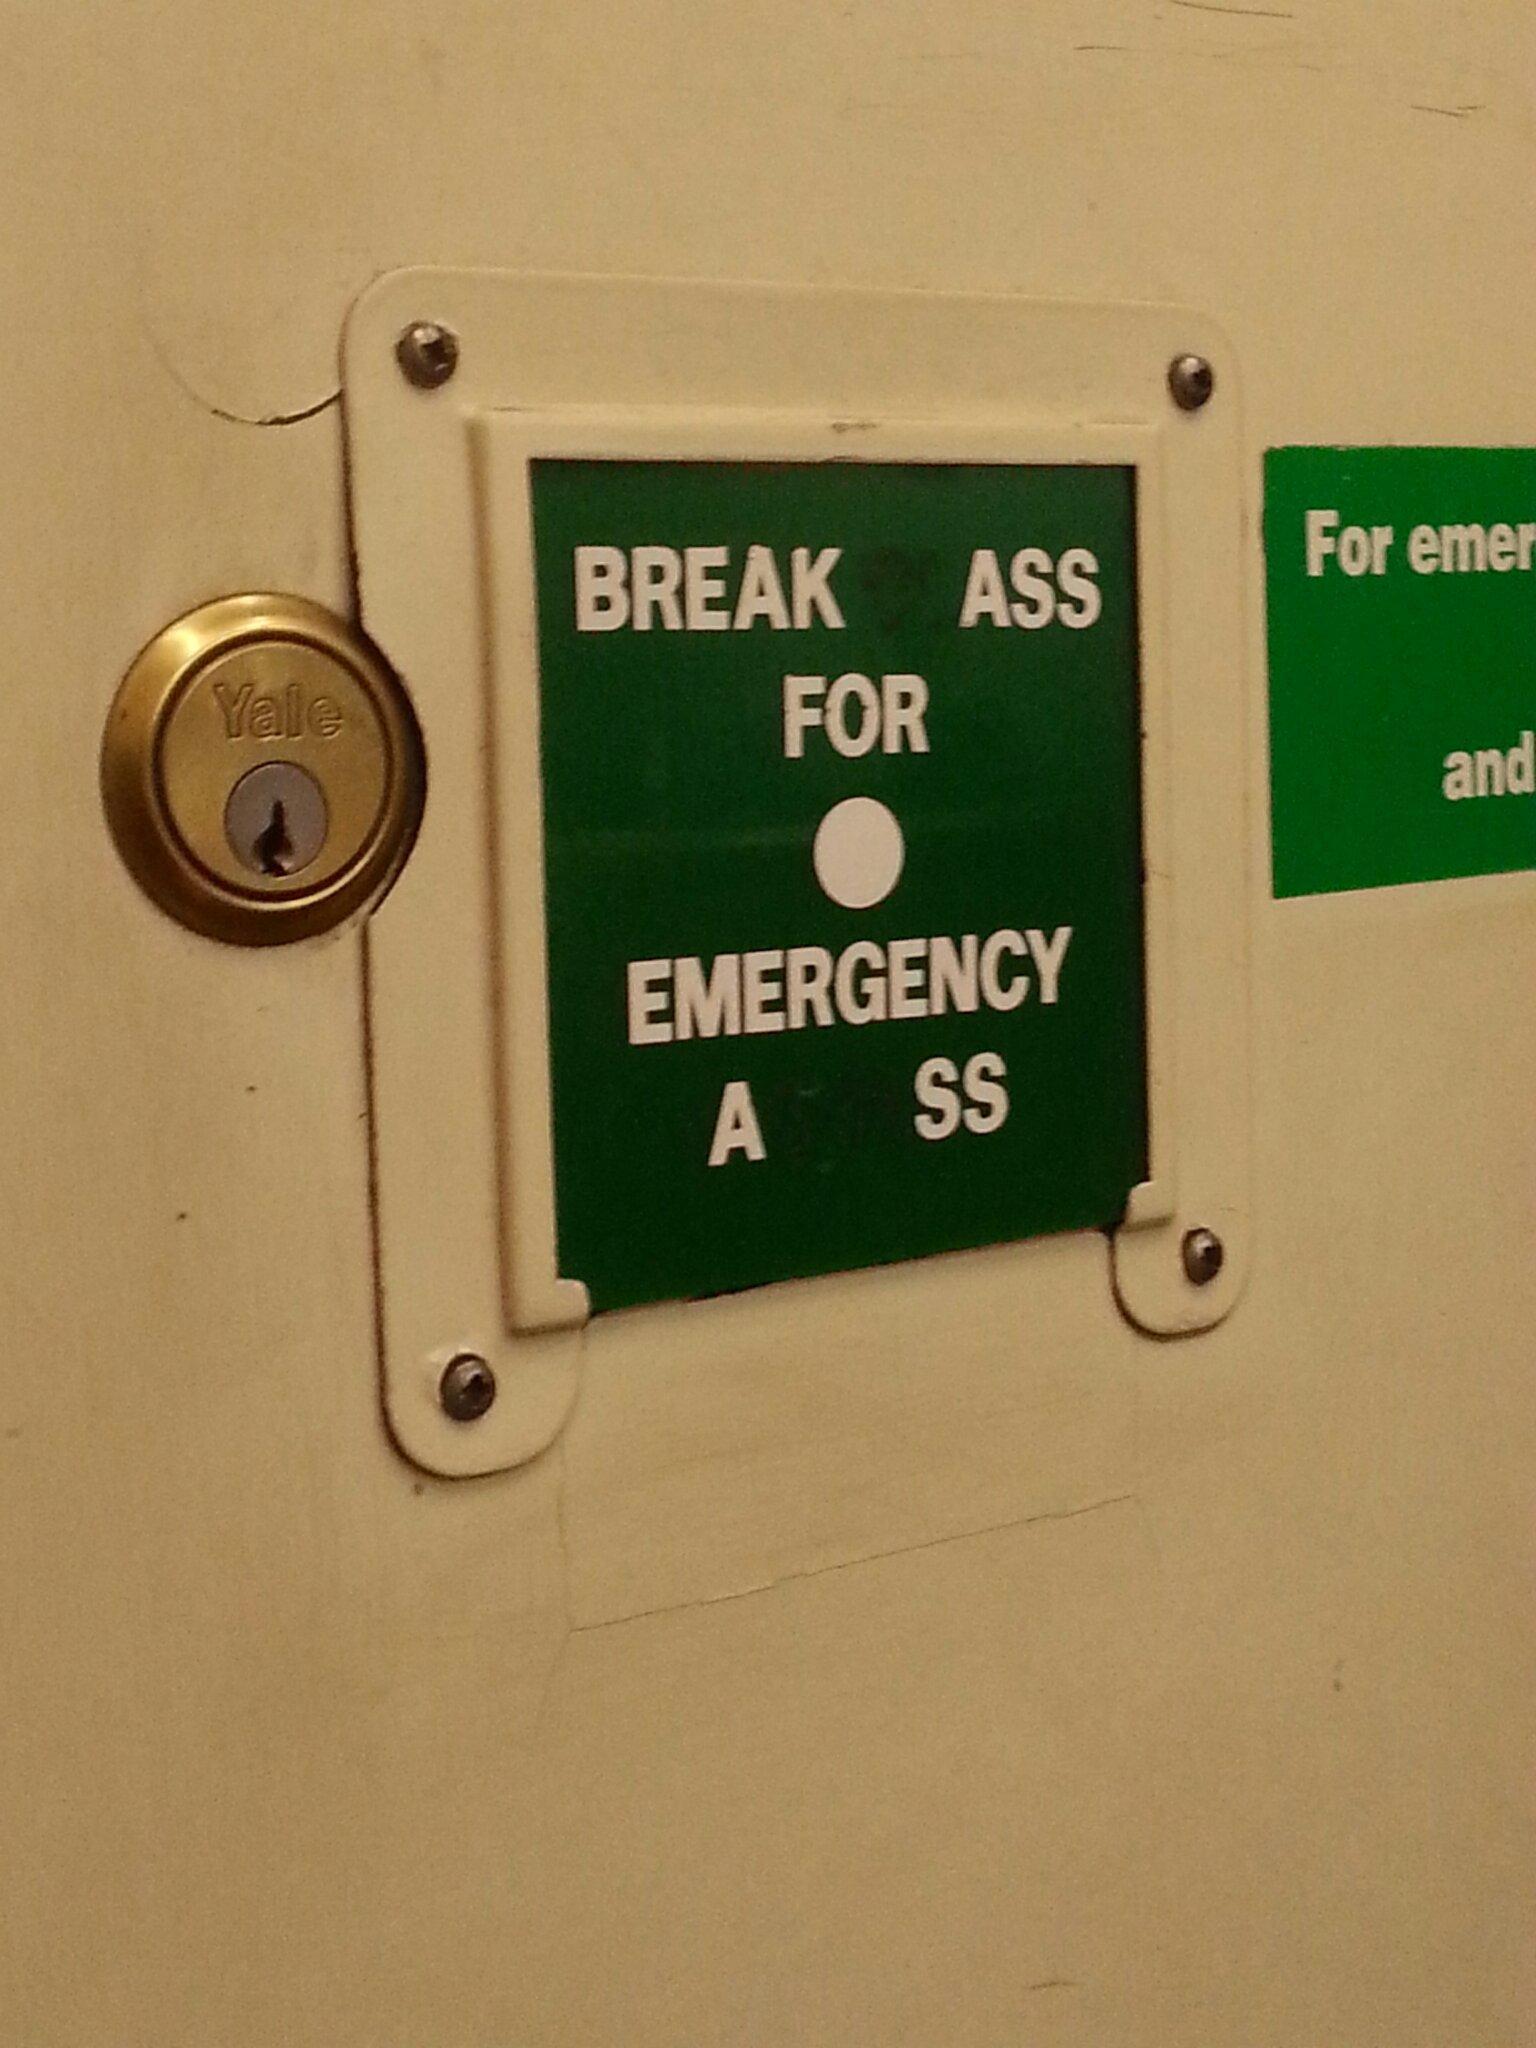 break ass for emergency ass - meme